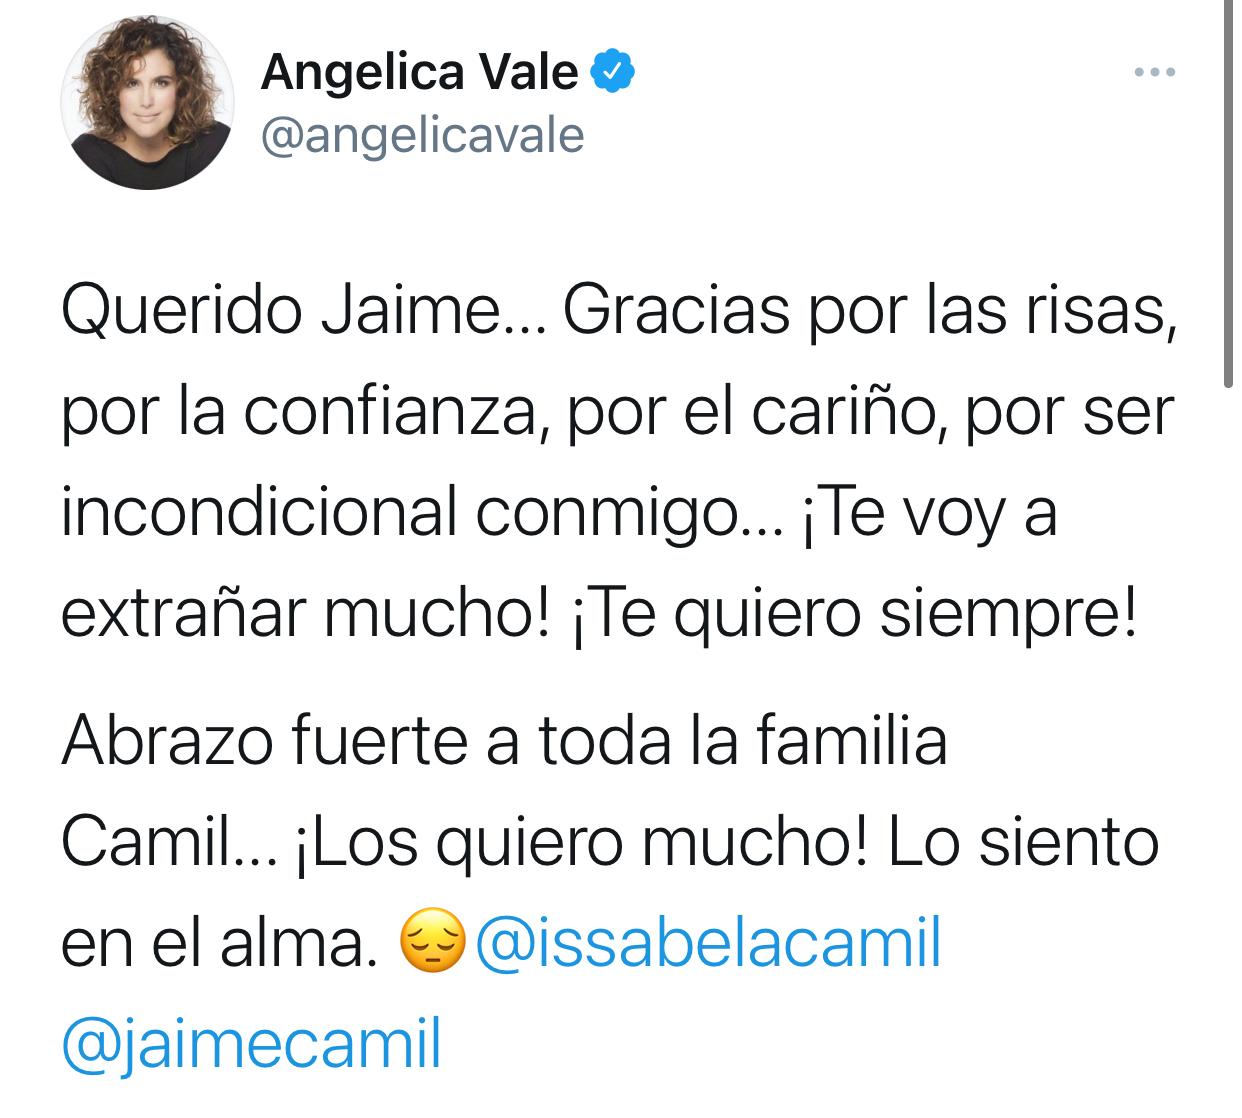 Angelica Vale pésame Camil